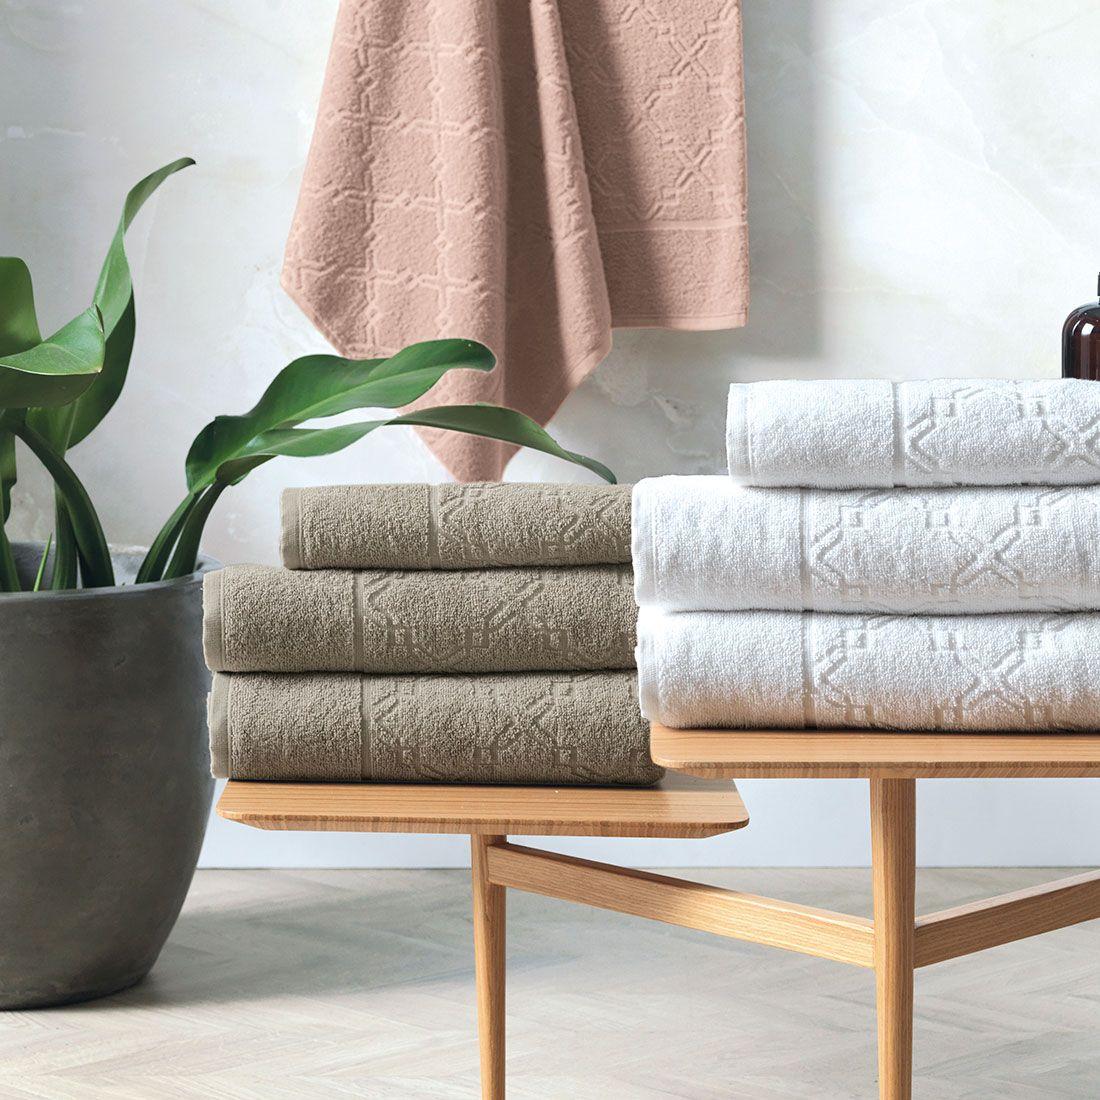 Aprenda como organizar toalhas de banho